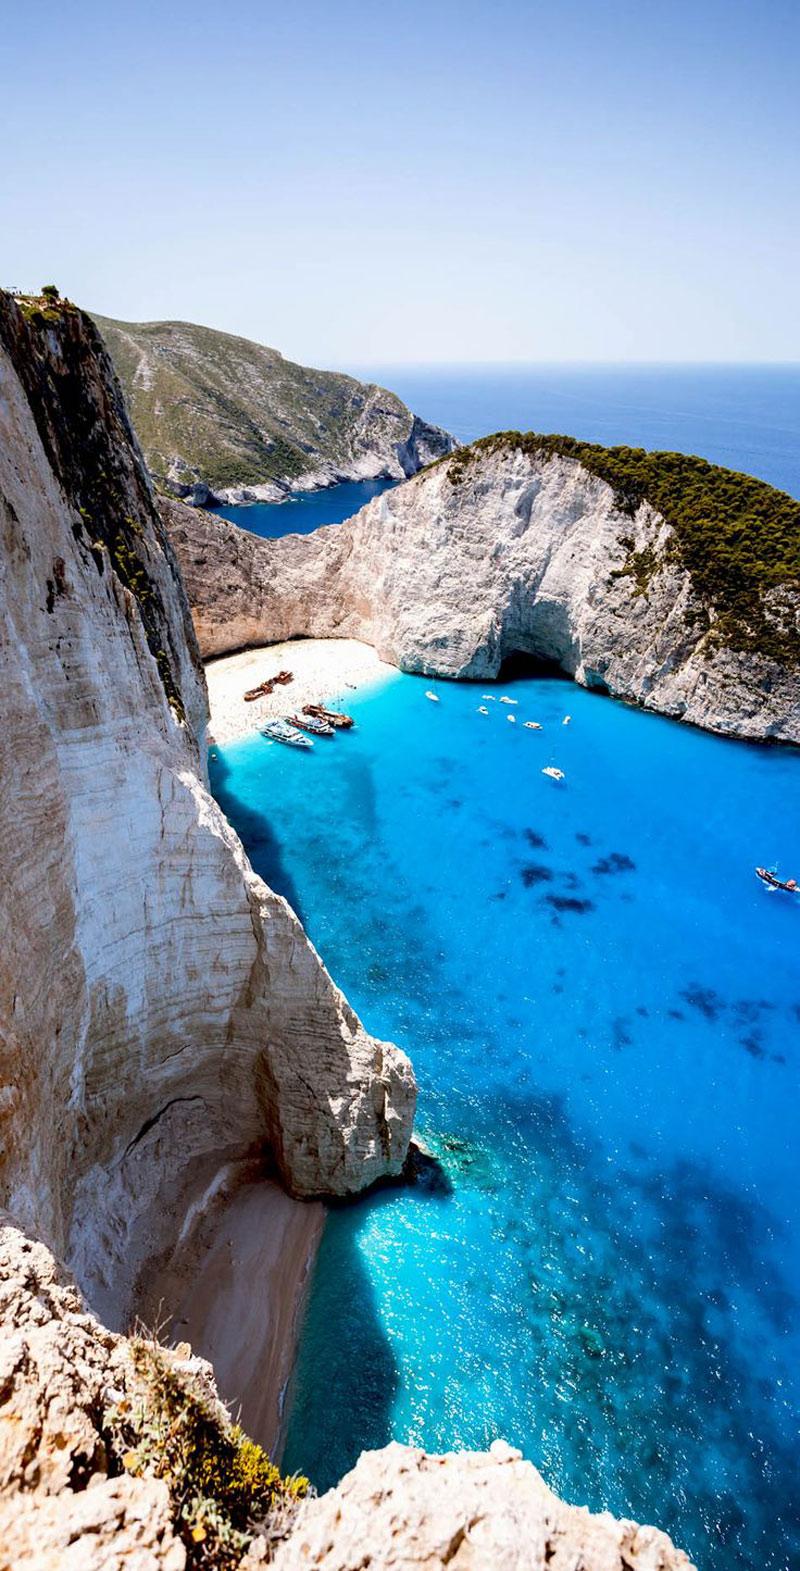 Các nhiếp ảnh gia từng tới đây và ghi lại cảnh quan đẹp tuyệt của Zakynthos đã gật gù với nhau rằng hòn đảo này là nơi của những bức ảnh trung thực